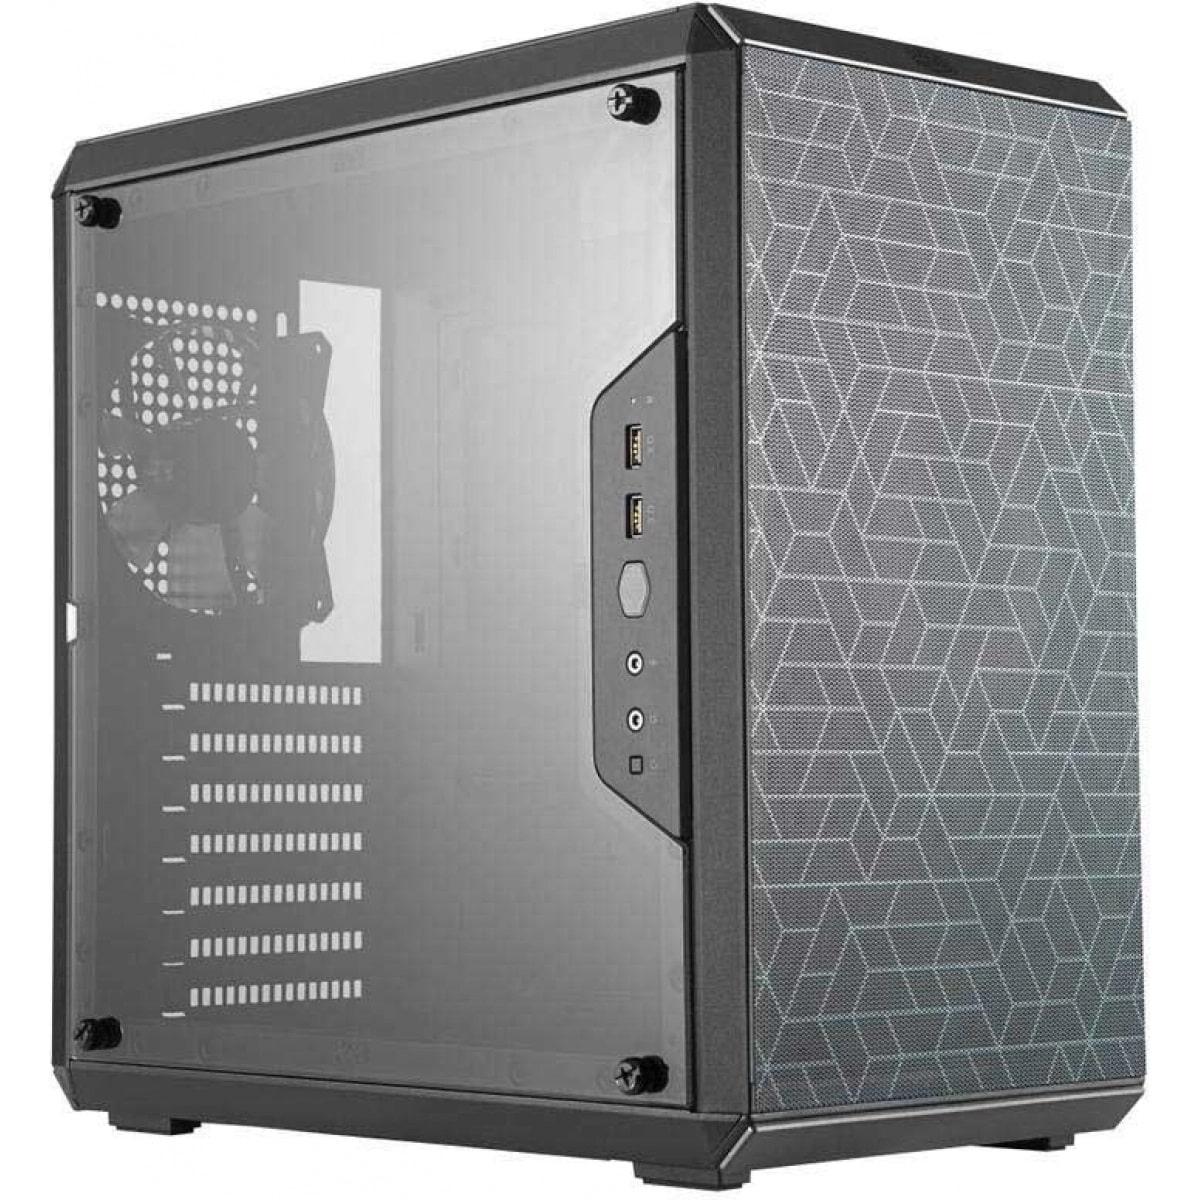 Computador, intel 10º geração corei5-10400 2.9Ghz, 8GB DDR4, HD 1TB